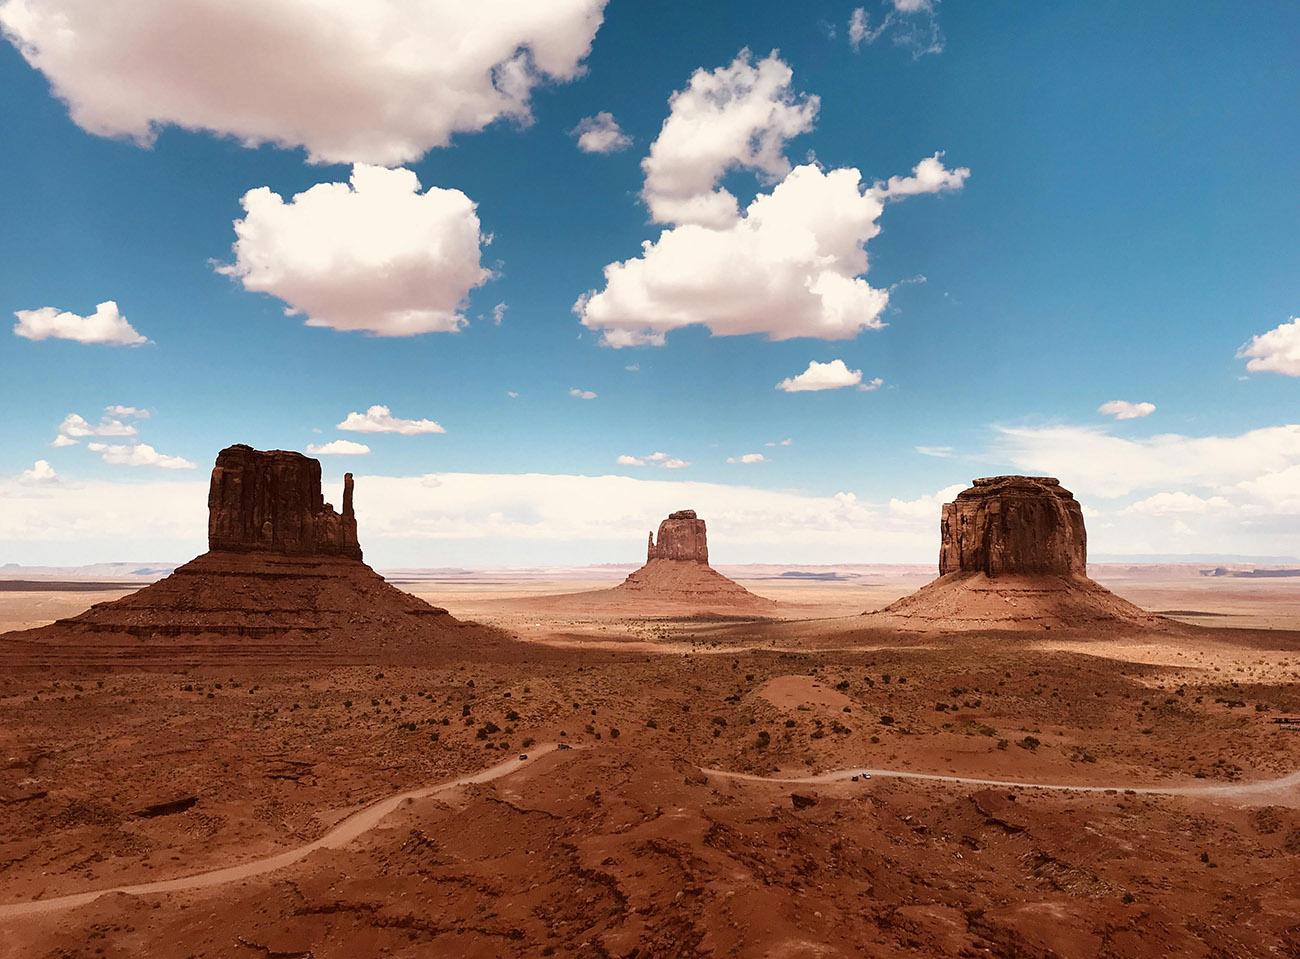 Долина Монументов в штате Юта, США